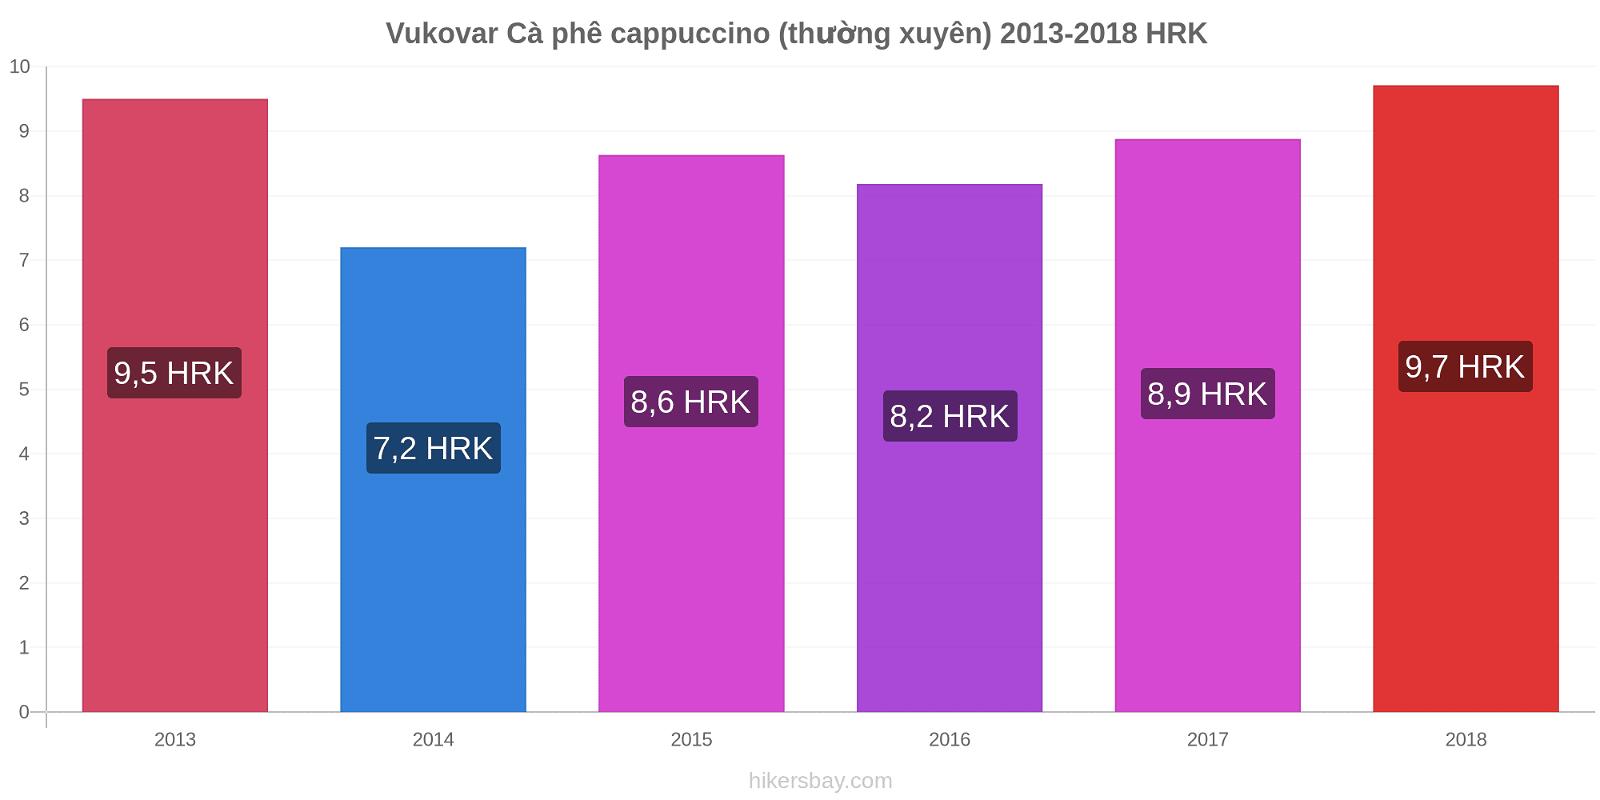 Vukovar thay đổi giá Cà phê cappuccino (thường xuyên) hikersbay.com